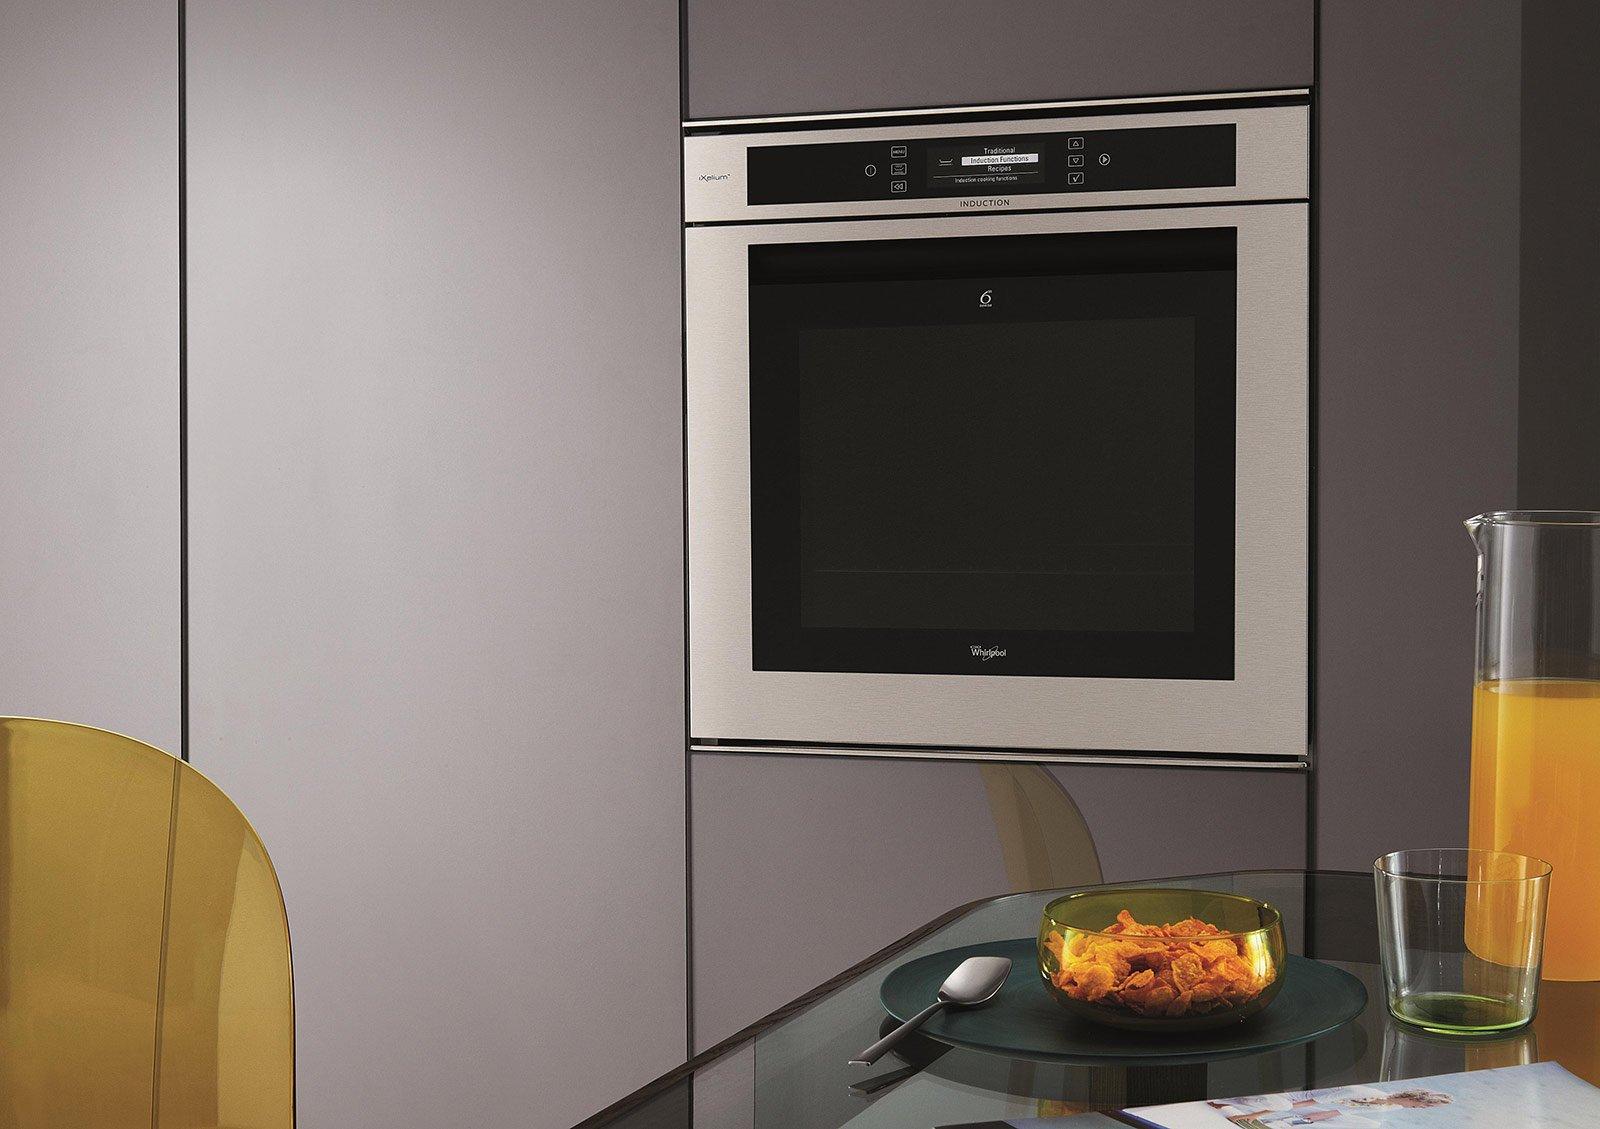 I saloni 2014 in cucina lavastoviglie e forni nuovi e for Forno whirlpool ixelium